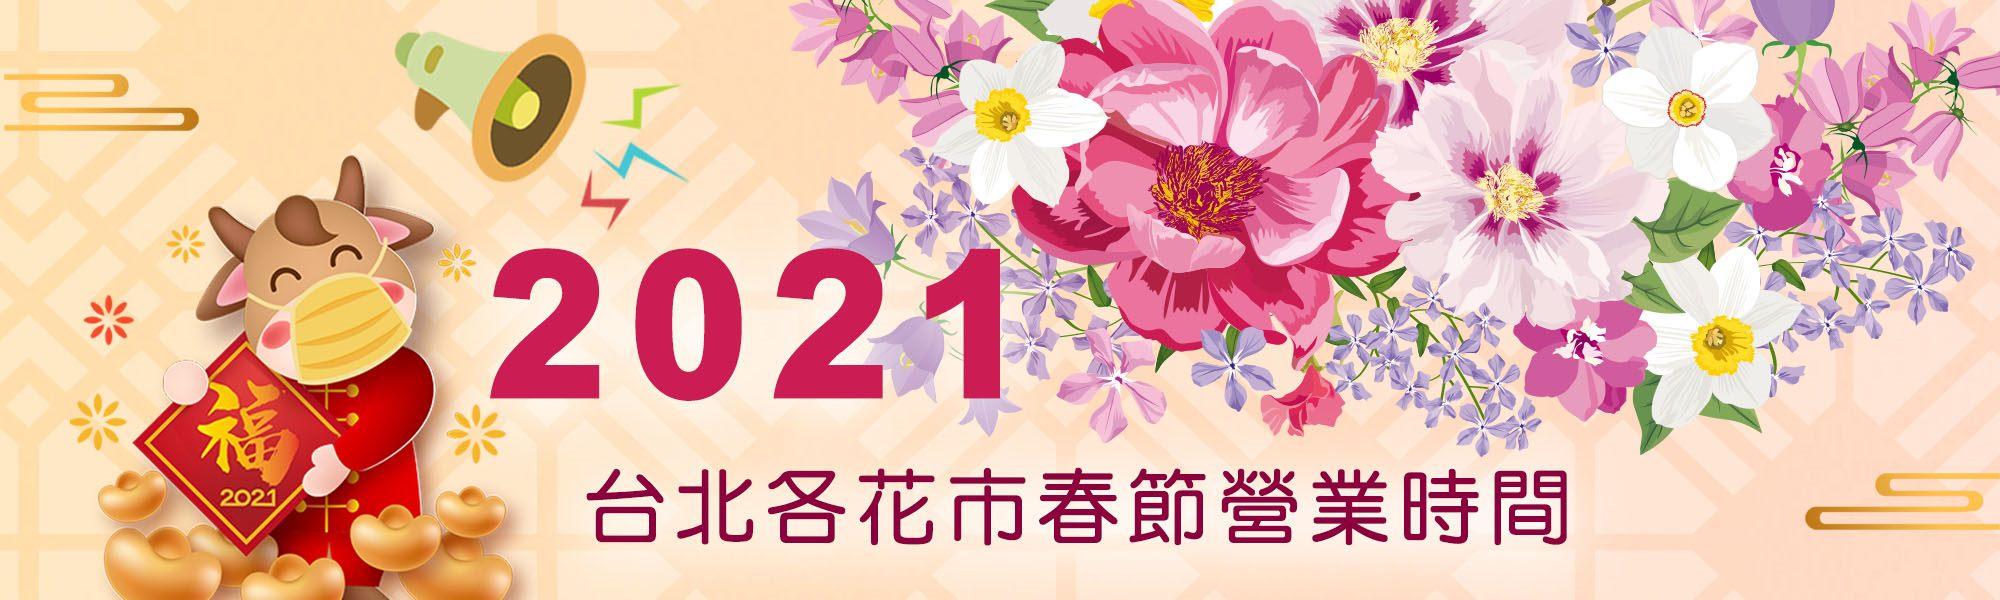 2021台北各大花市春節營業時間